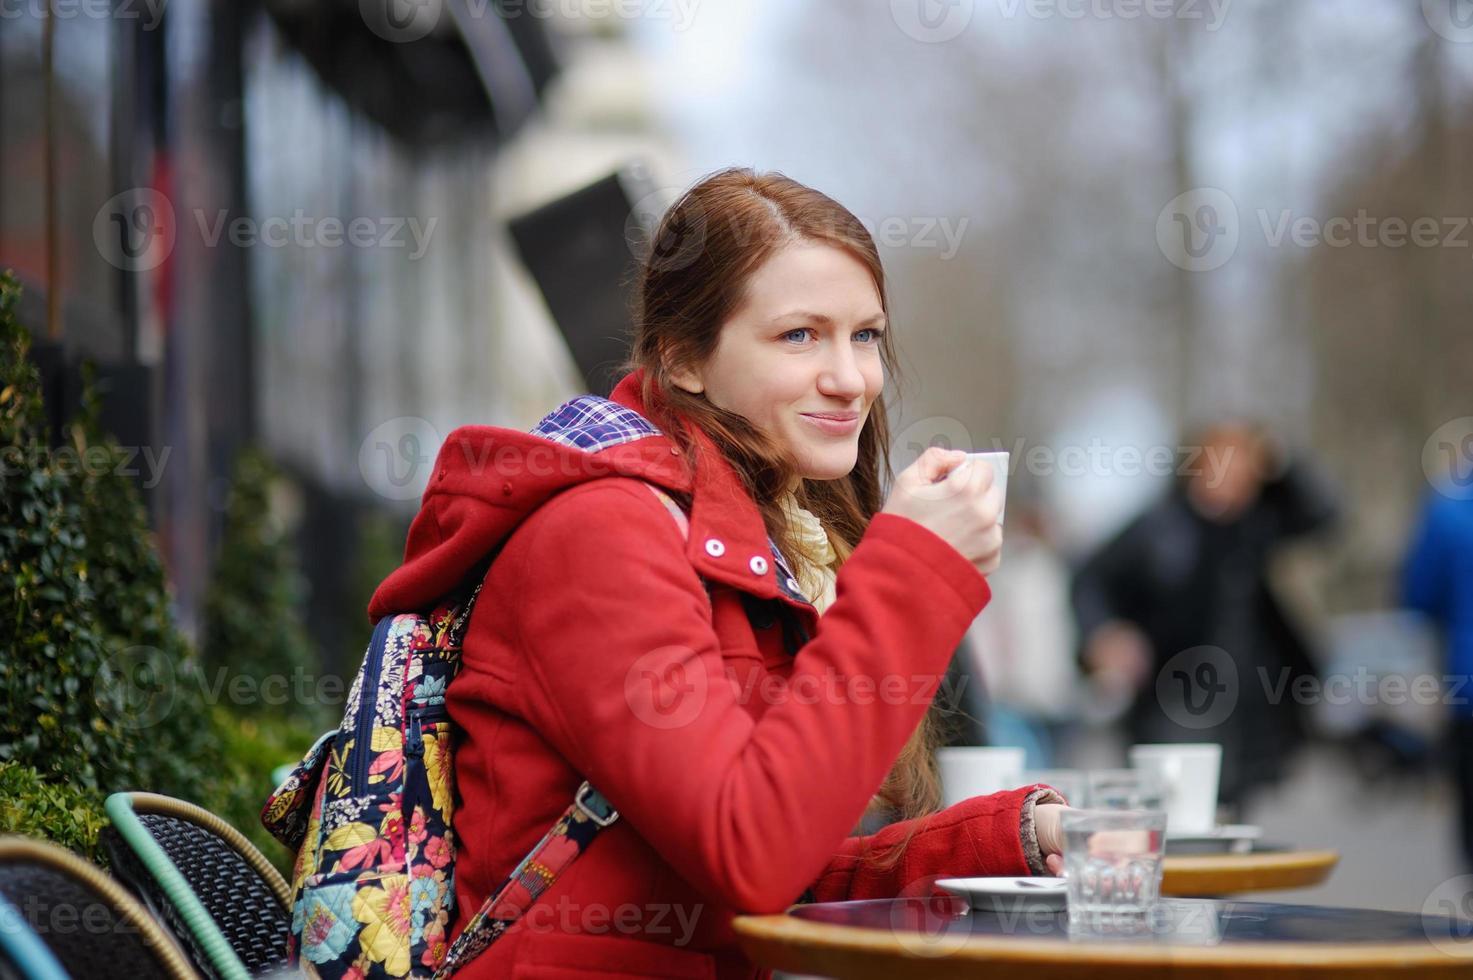 jonge vrouw koffie drinken foto